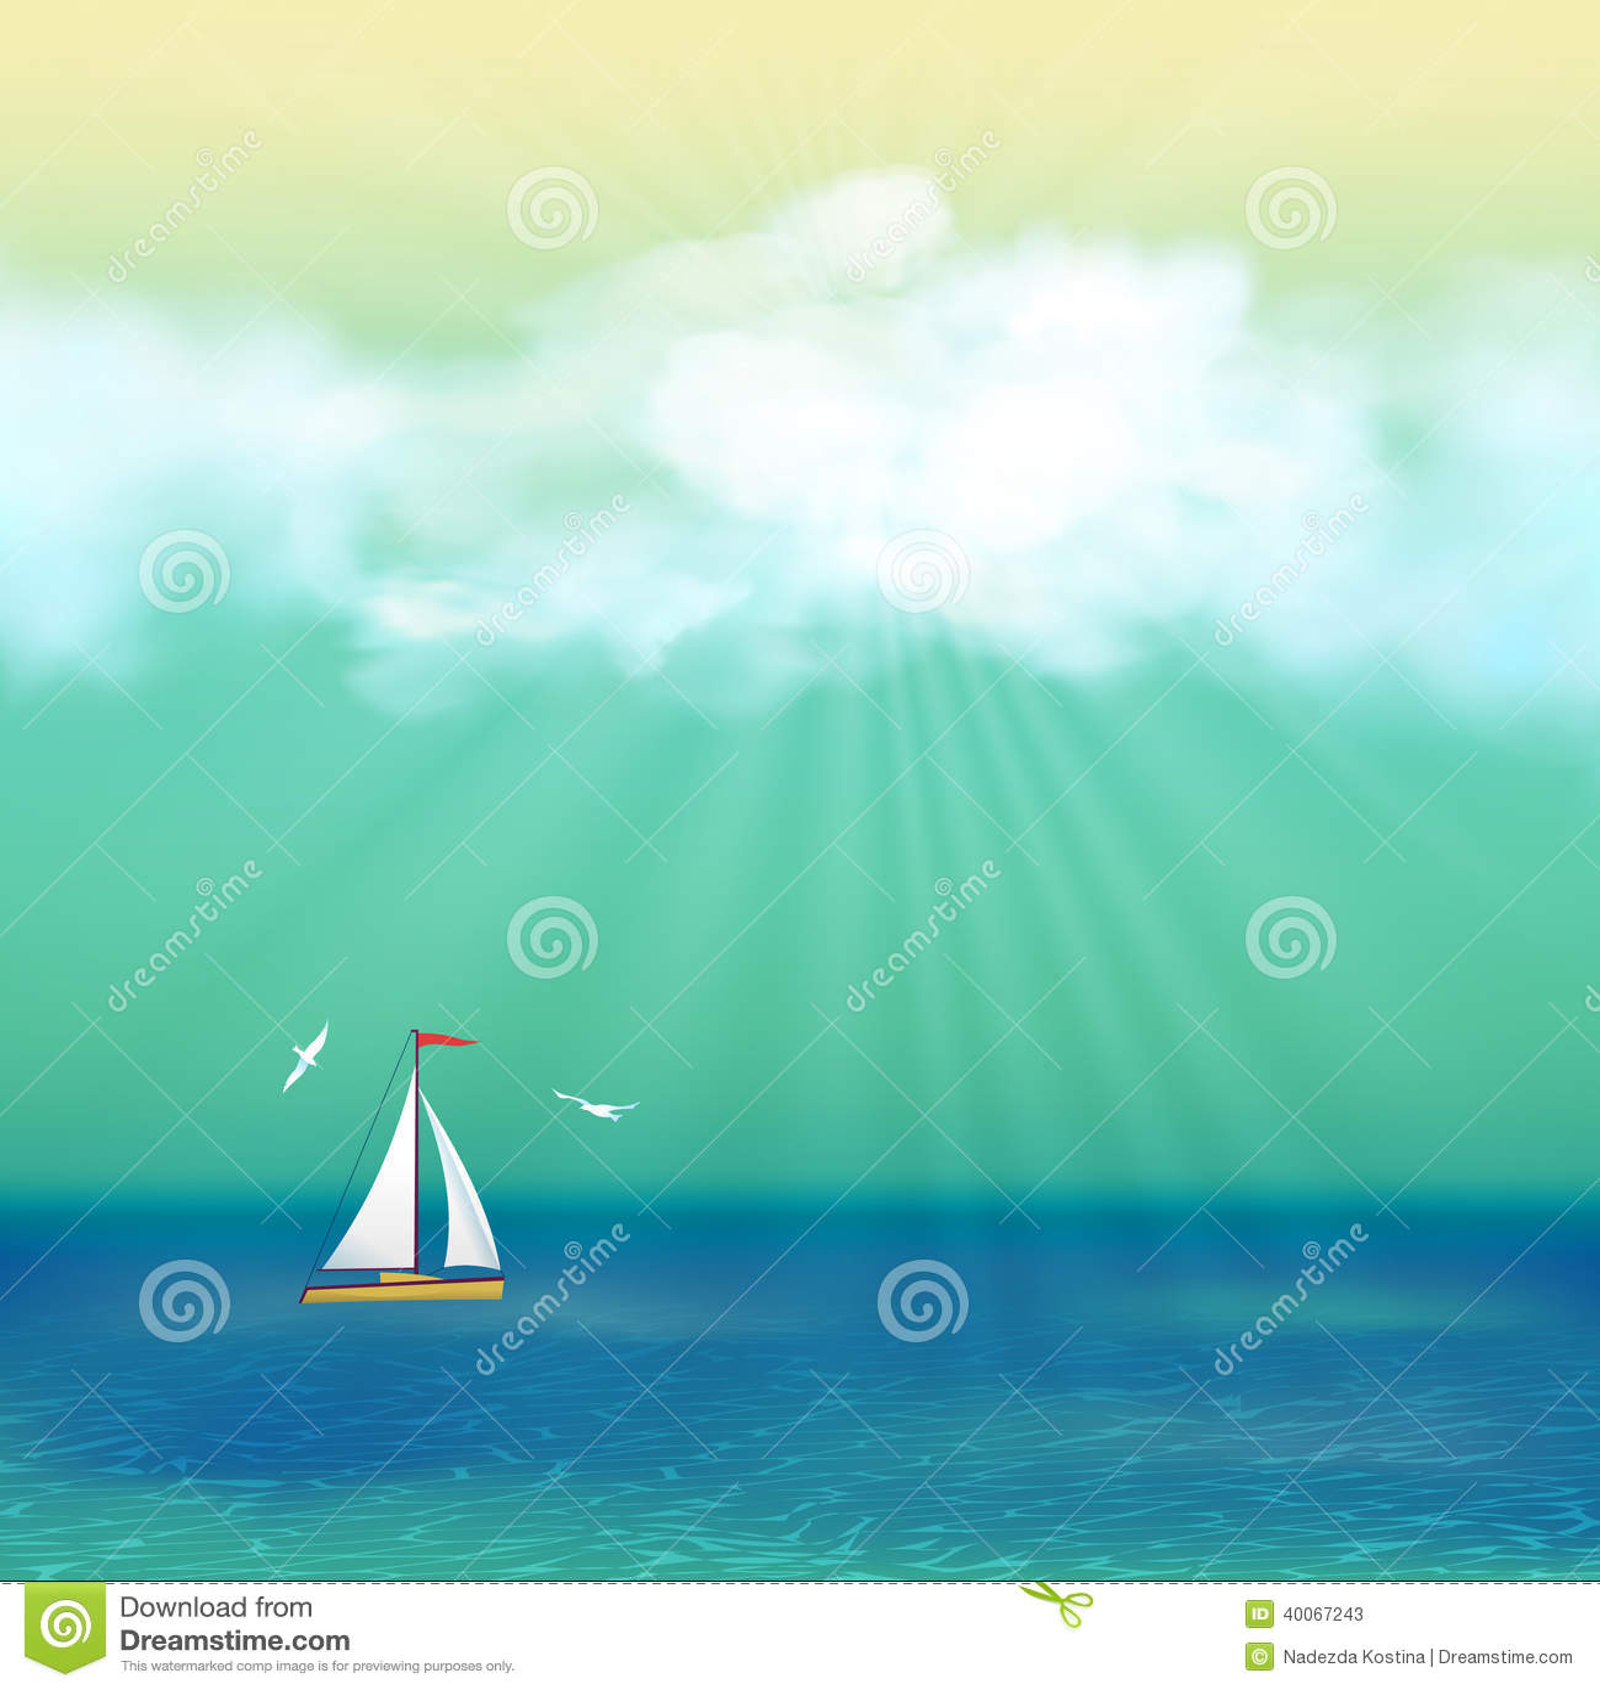 Poster design landscape - Azure Blue Cloud Day Design Gull Landscape Poster